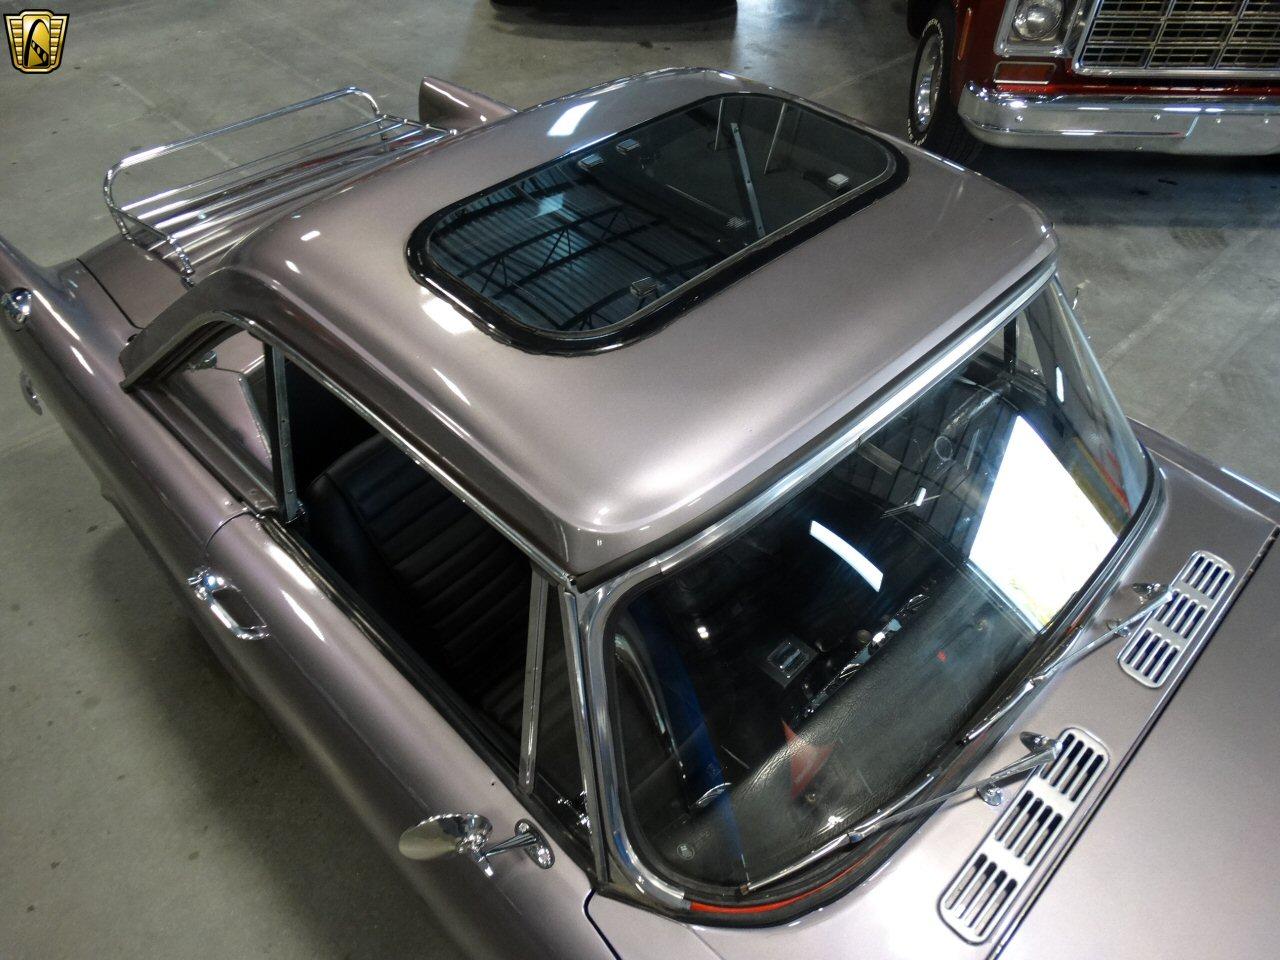 1965 Sunbeam Tiger 97